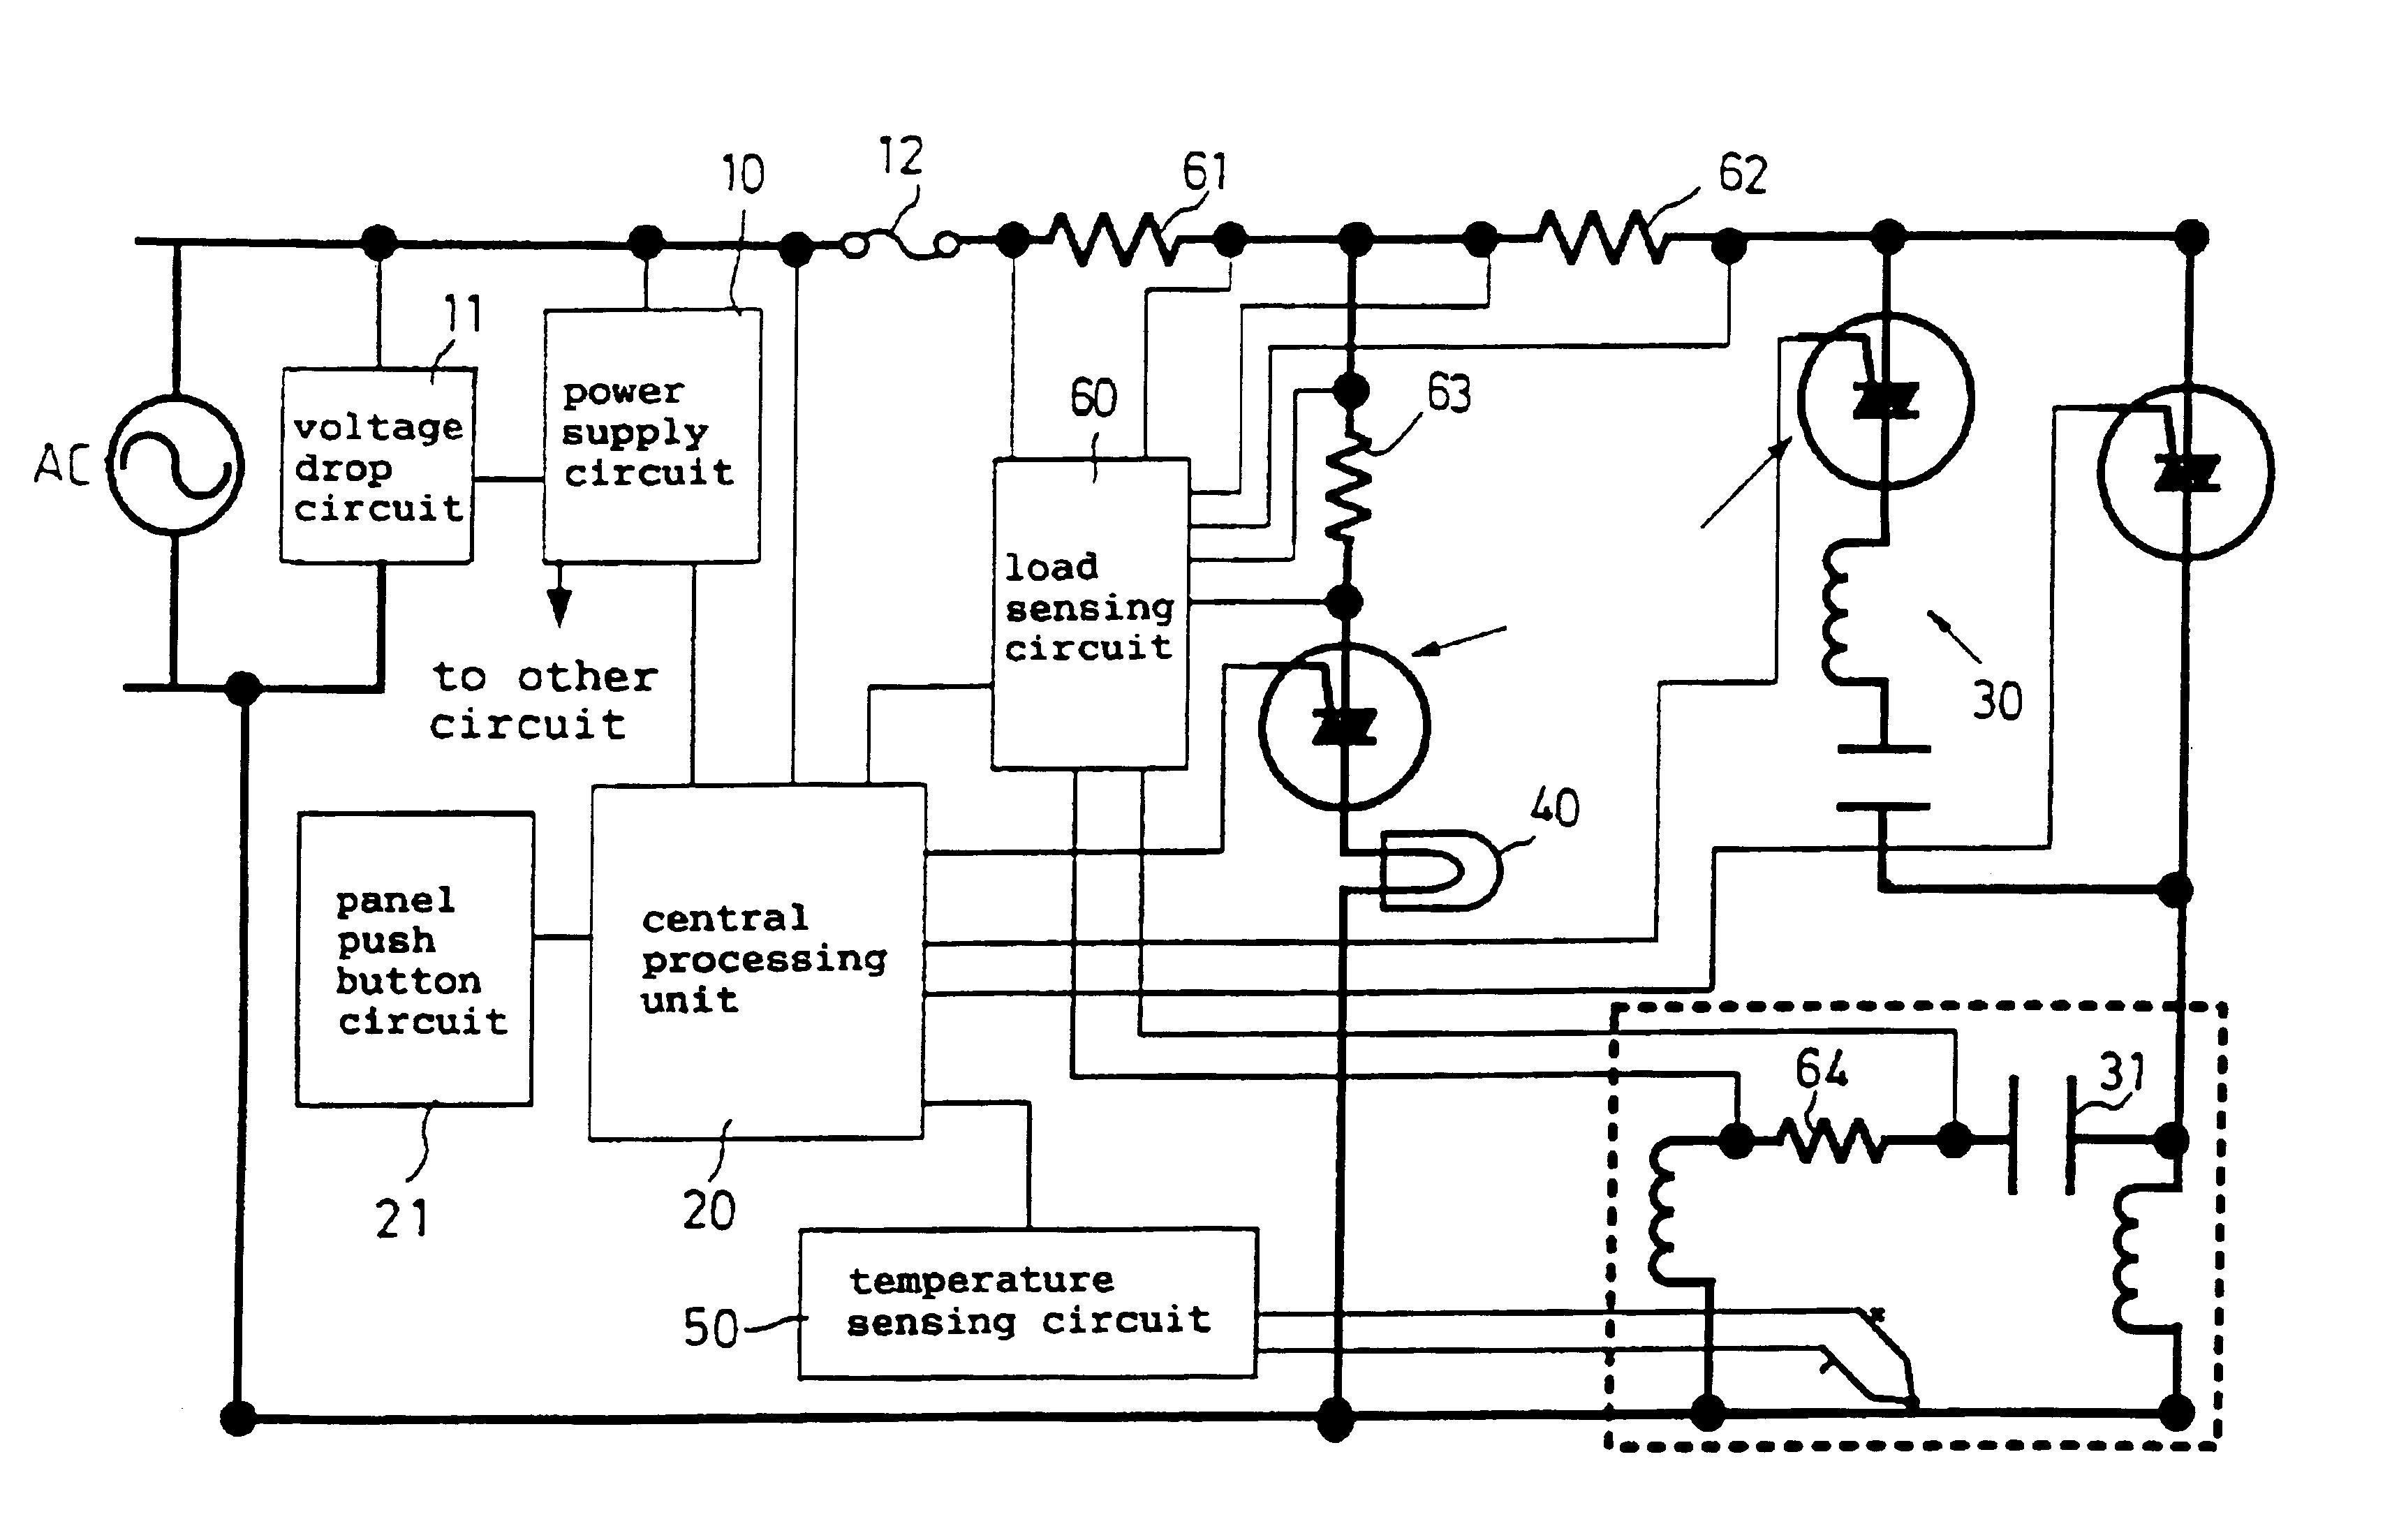 Patent Us6844691 Ventilator Having An Abnormal Operation Temperature Sensing Circuit Drawing